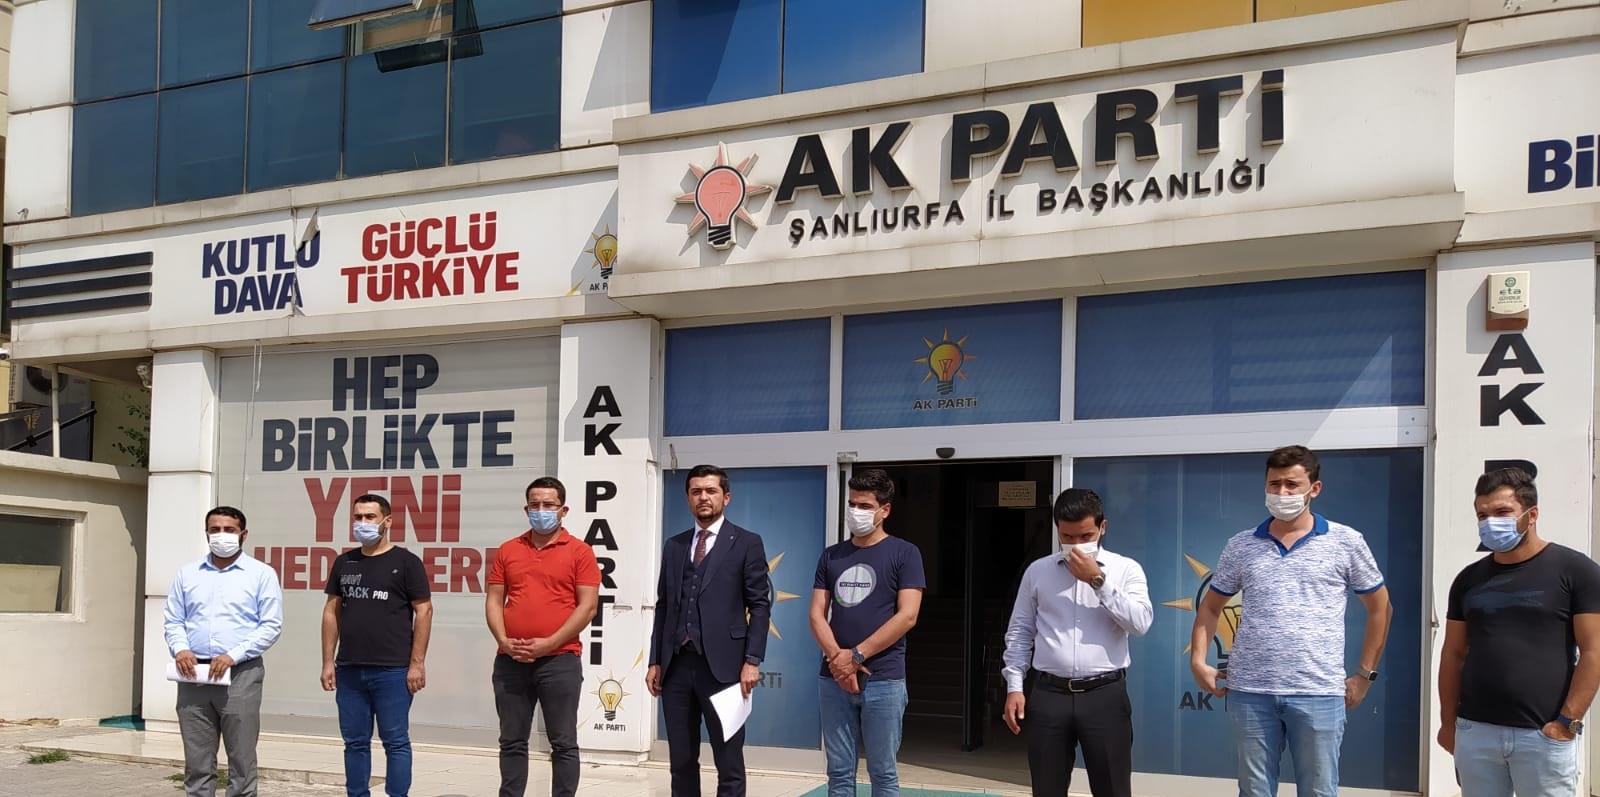 AK Parti'den Erol Mütercimler hakkında suç duyurusu